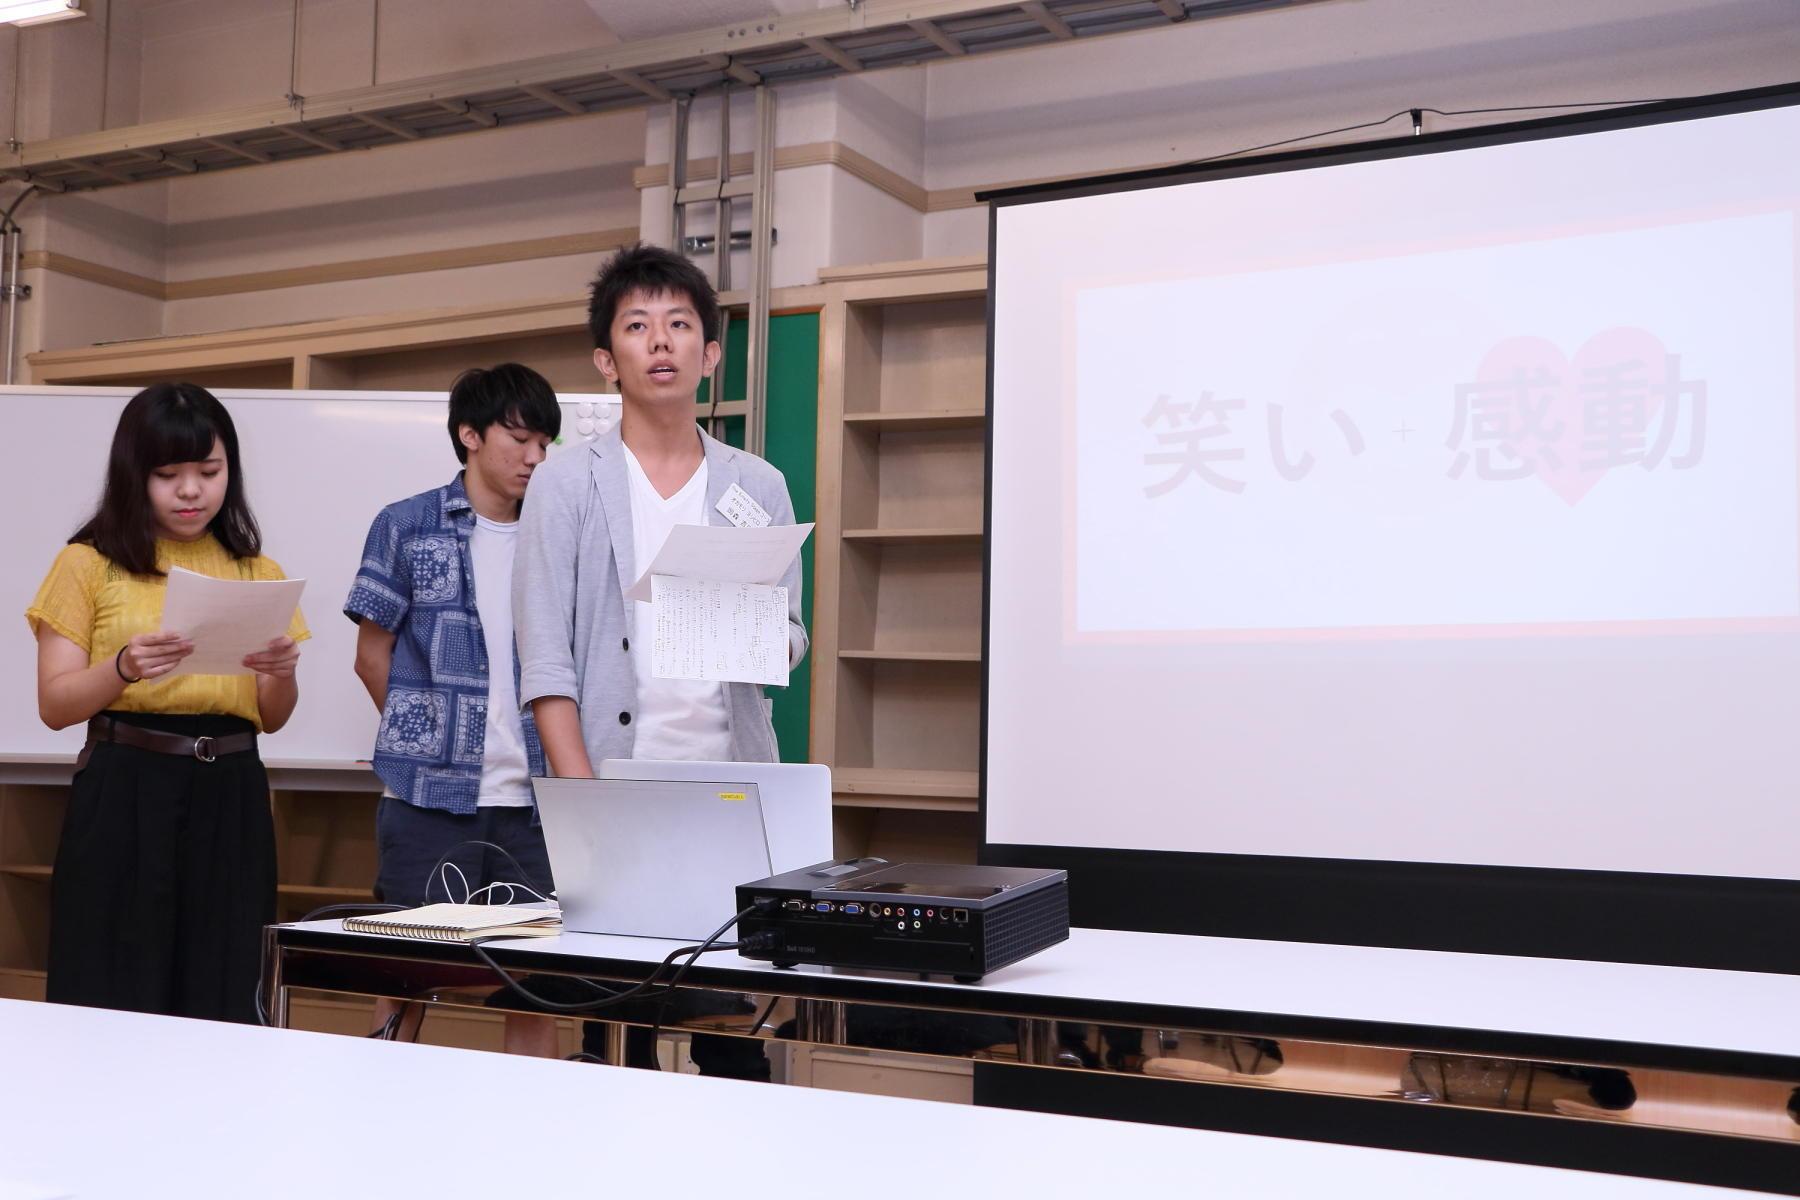 http://news.yoshimoto.co.jp/20170910063456-c76c18c13e8df209f6a97fbbb6c08c30cc02f255.jpg